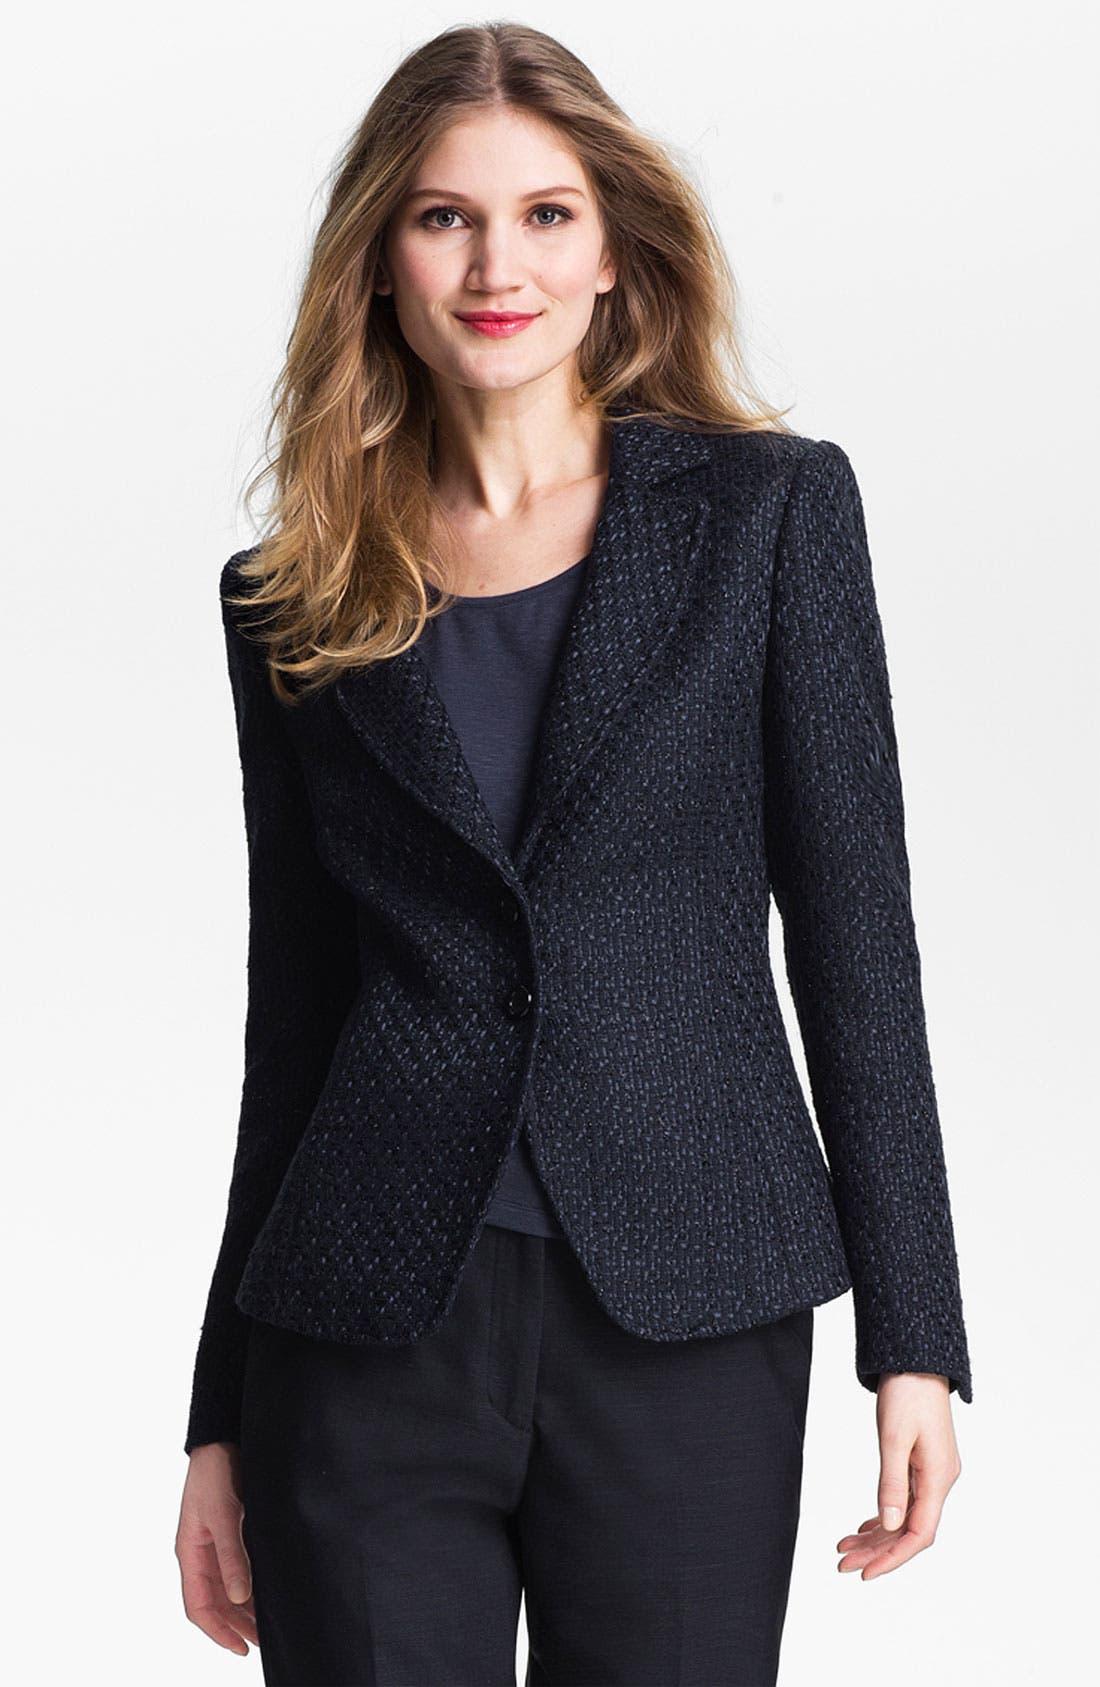 Alternate Image 1 Selected - Santorelli 'Kristina 2' Tweed Jacket